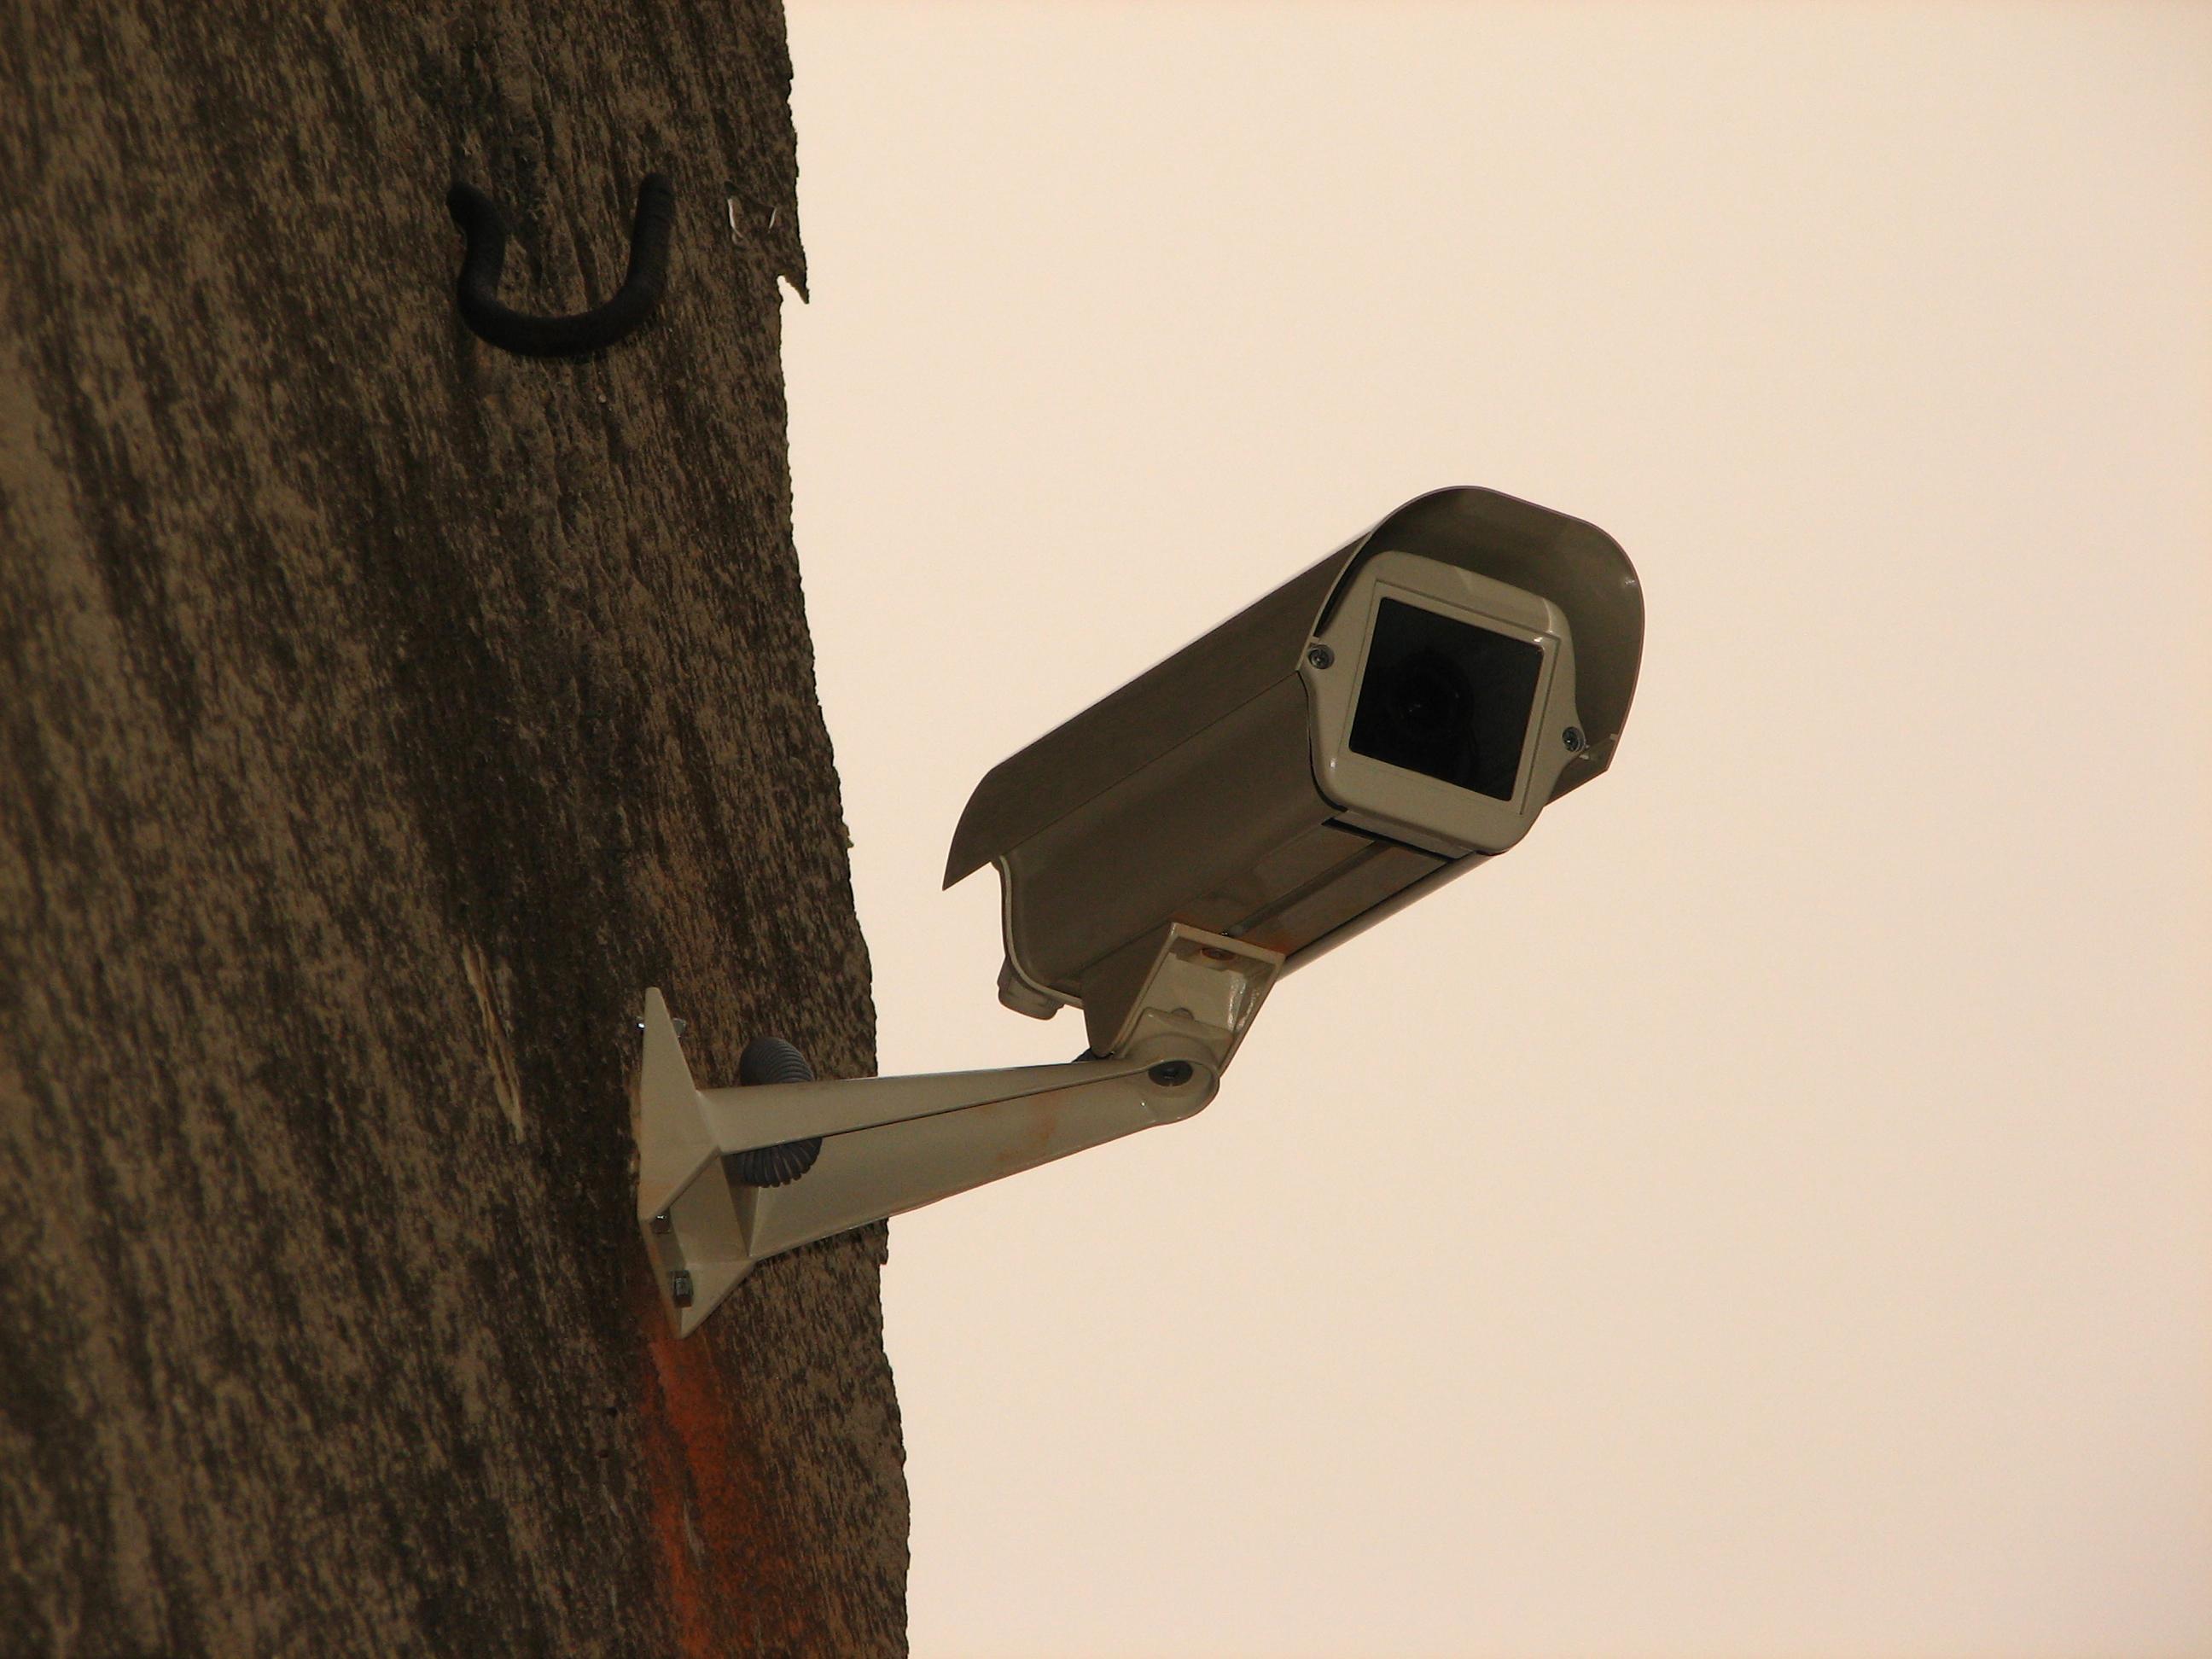 Cuando instalar una cámara falsa puede traernos problemas verdaderos